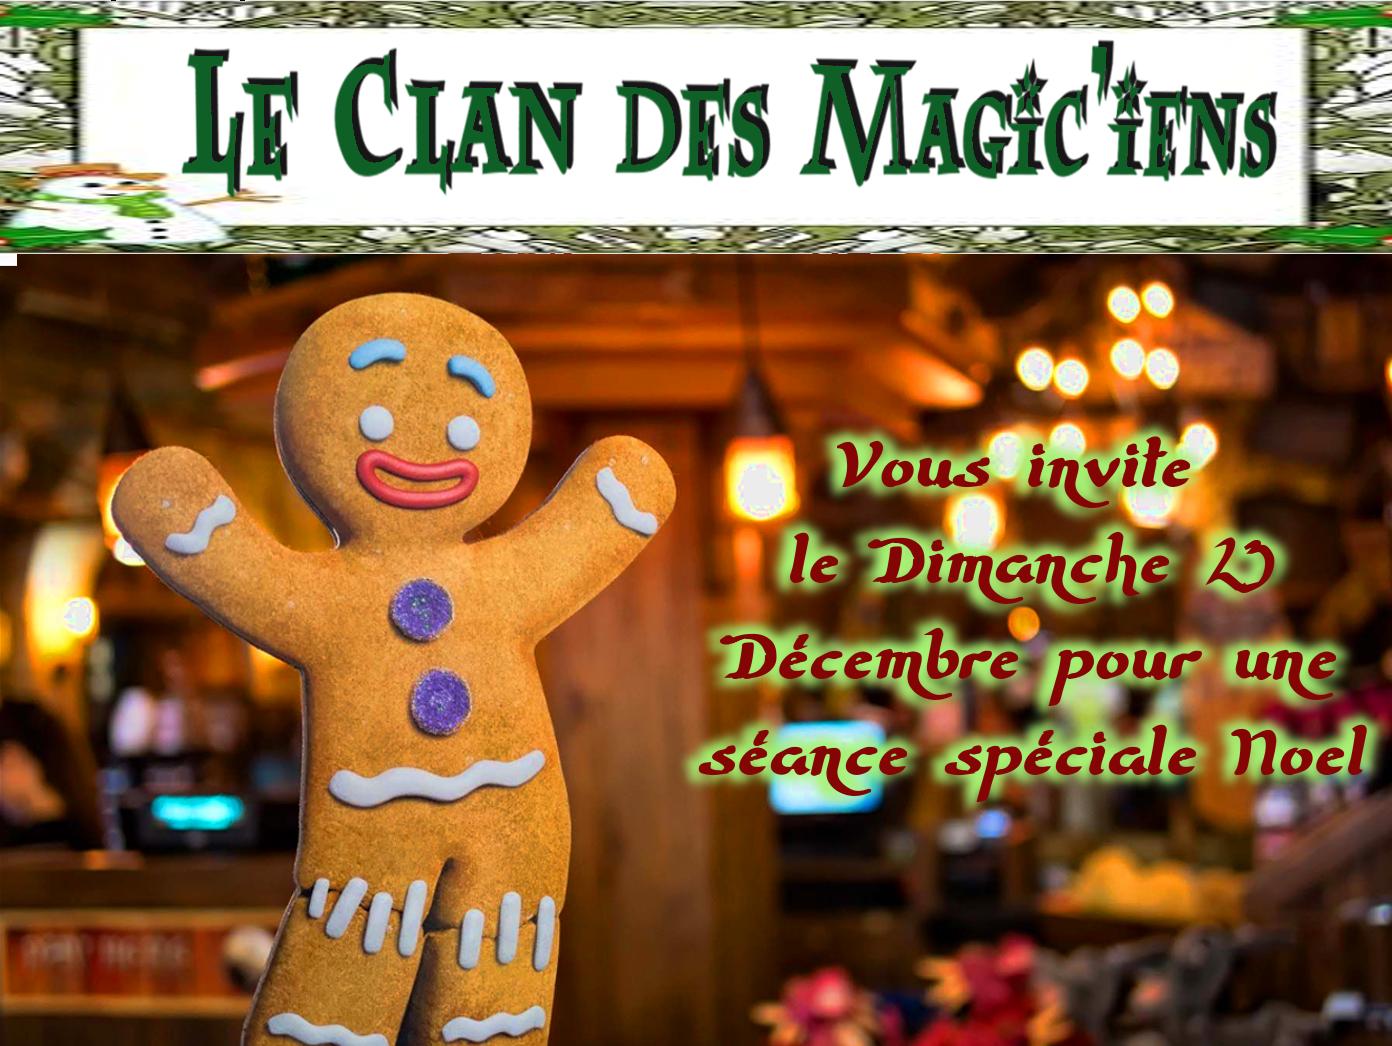 Dimanche 23 Décembre : Séance spéciale Noël à partir de 14 h 4X5ZL